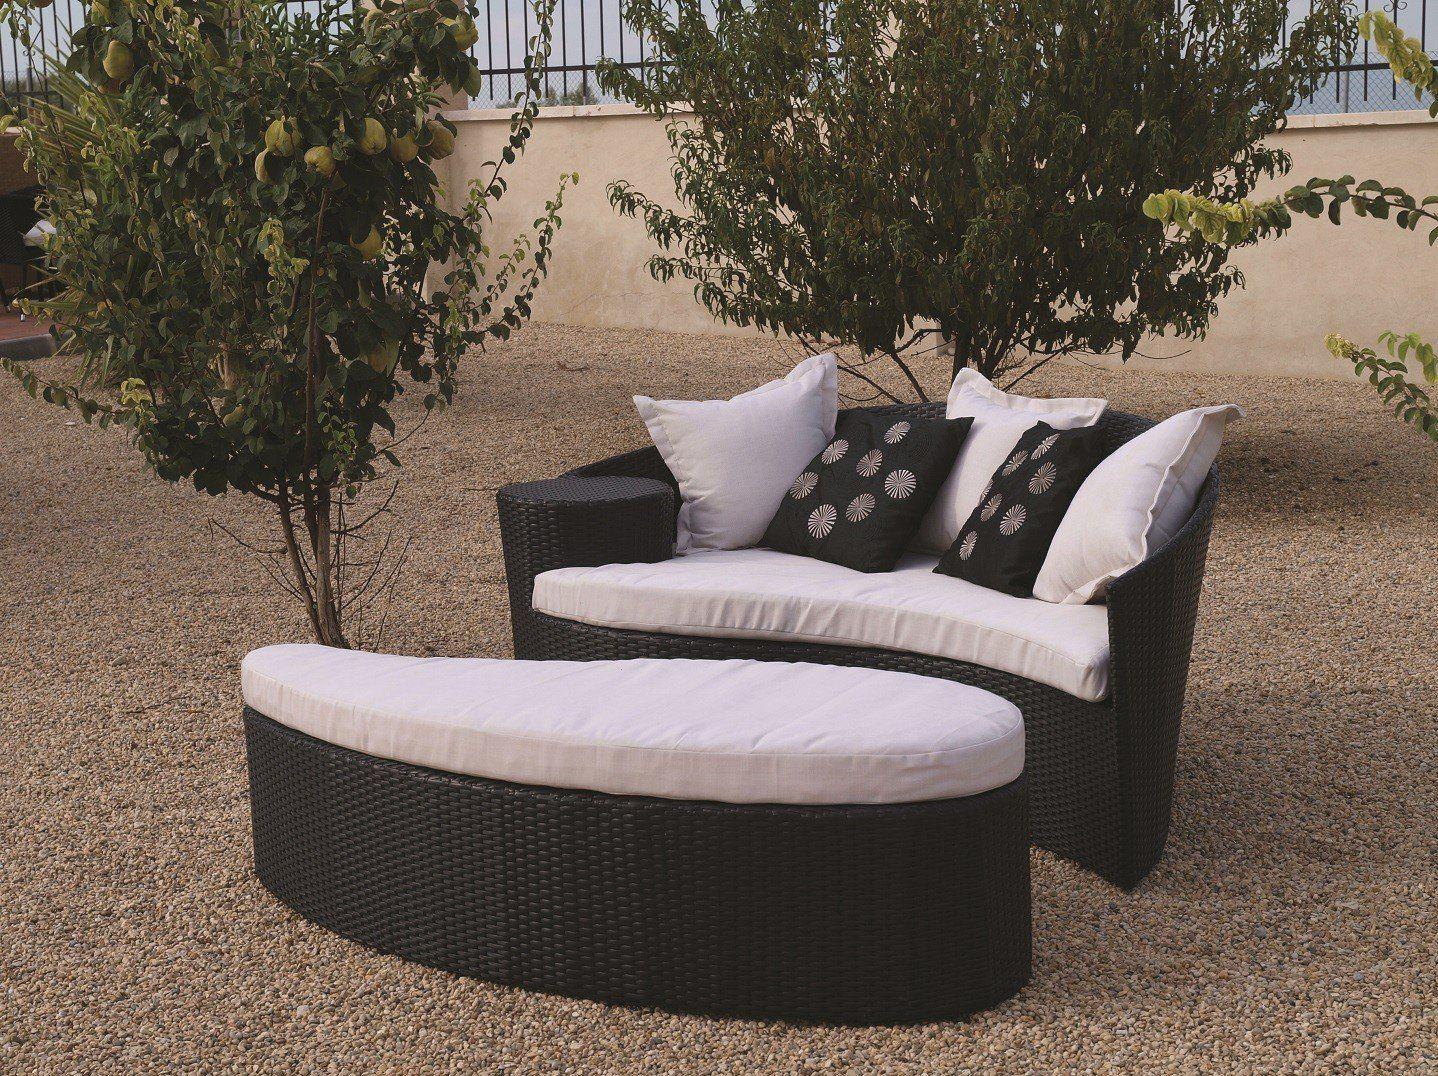 6 Oceans Rattan Furniture - Fiji Rattan Outdoor Garden Daybed